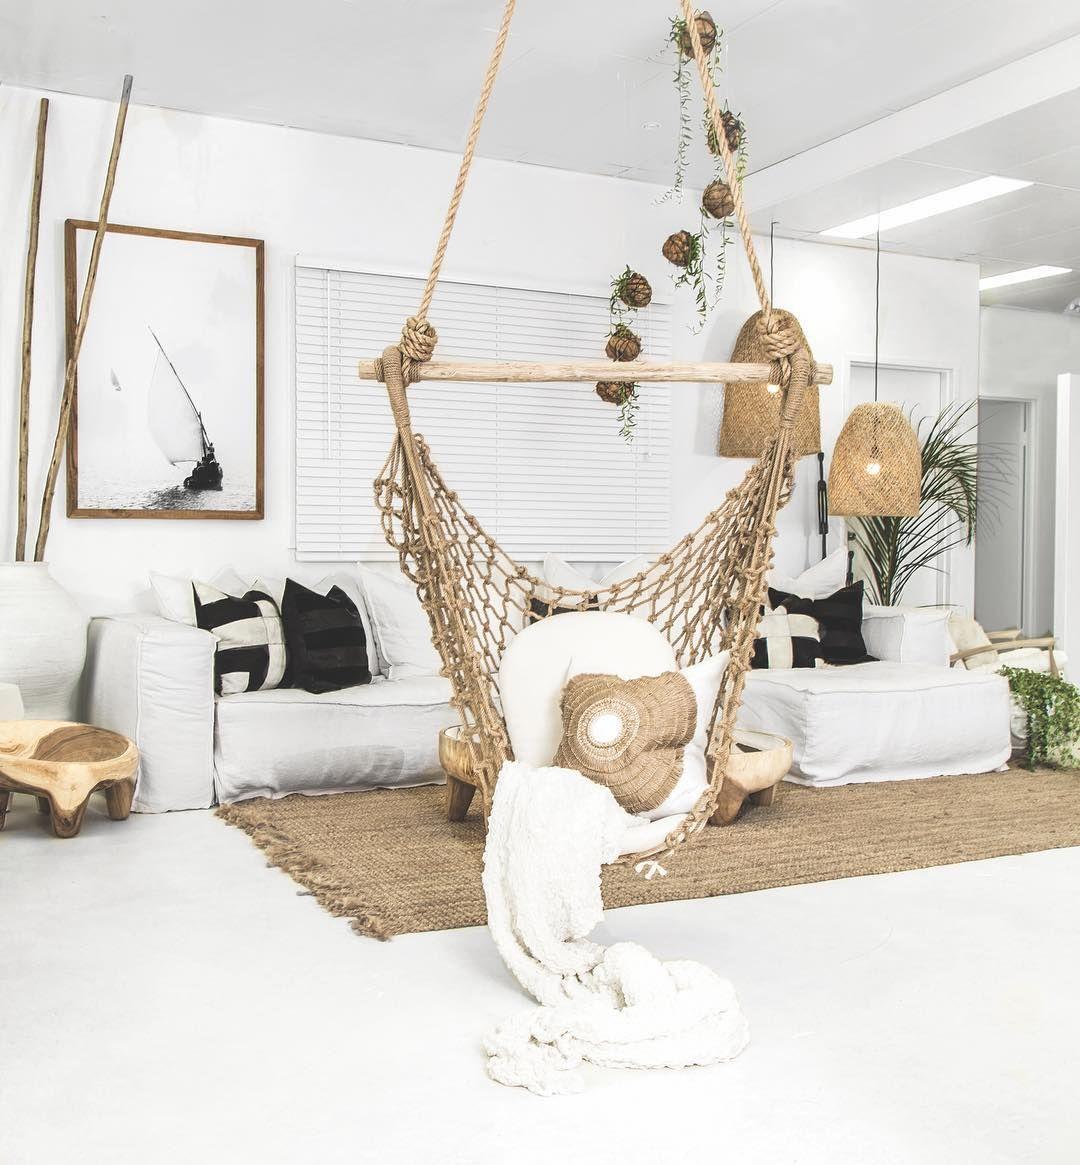 Image may contain indoor hanging chair indoor indoor